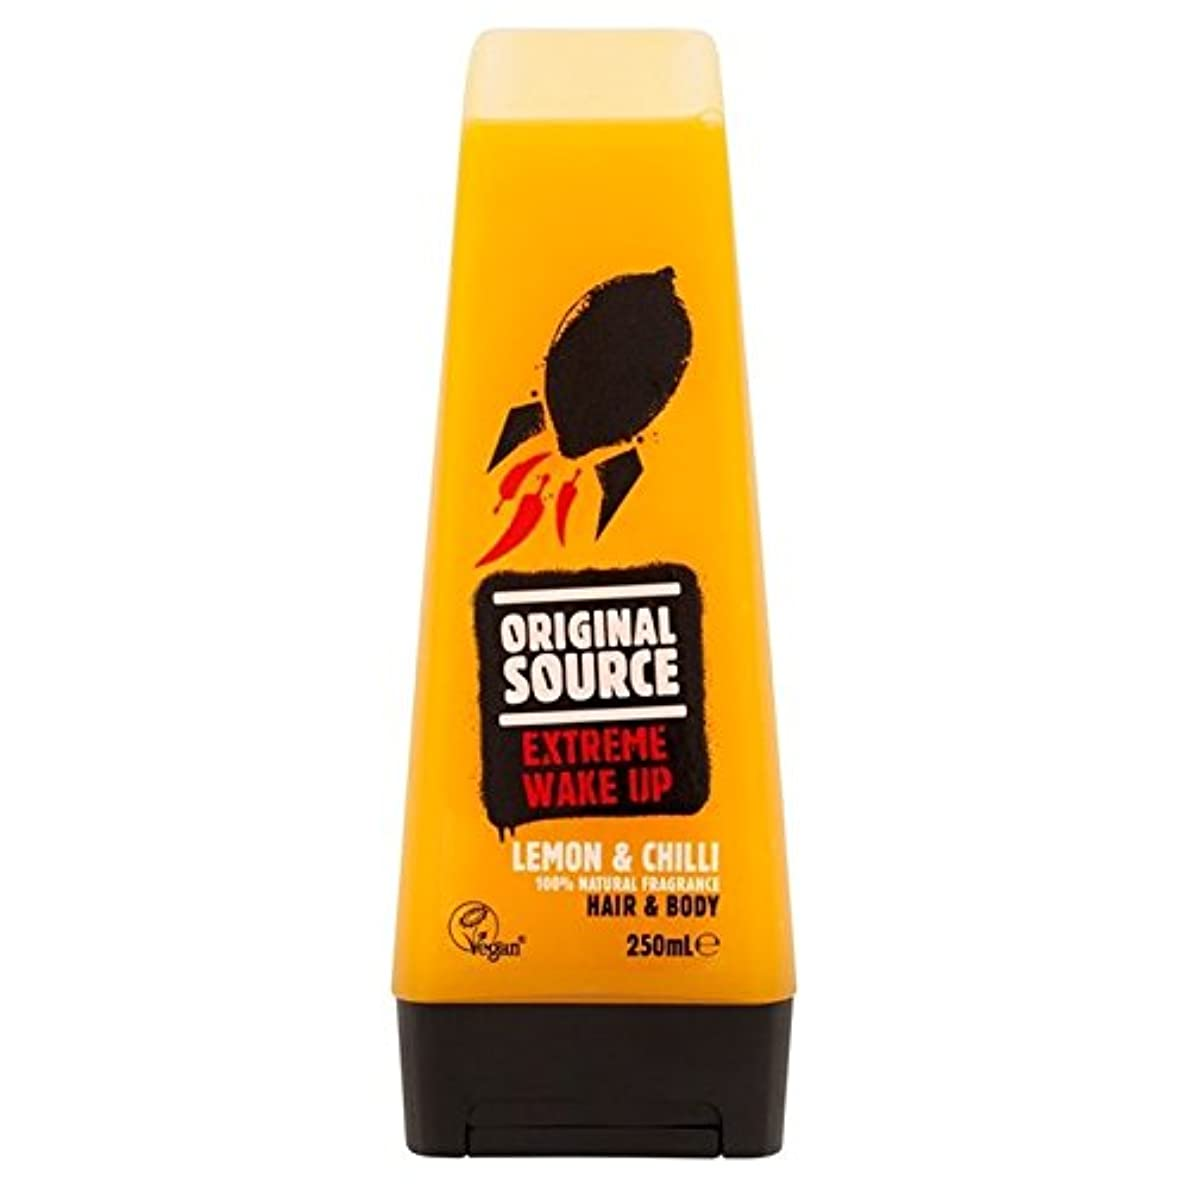 トラフ慣習幻想元のソースは、レモン&チリヘア&ボディシャワージェル250ミリリットルメンズ x2 - Original Source Mens Lemon & Chilli Hair & Body Shower Gel 250ml (...